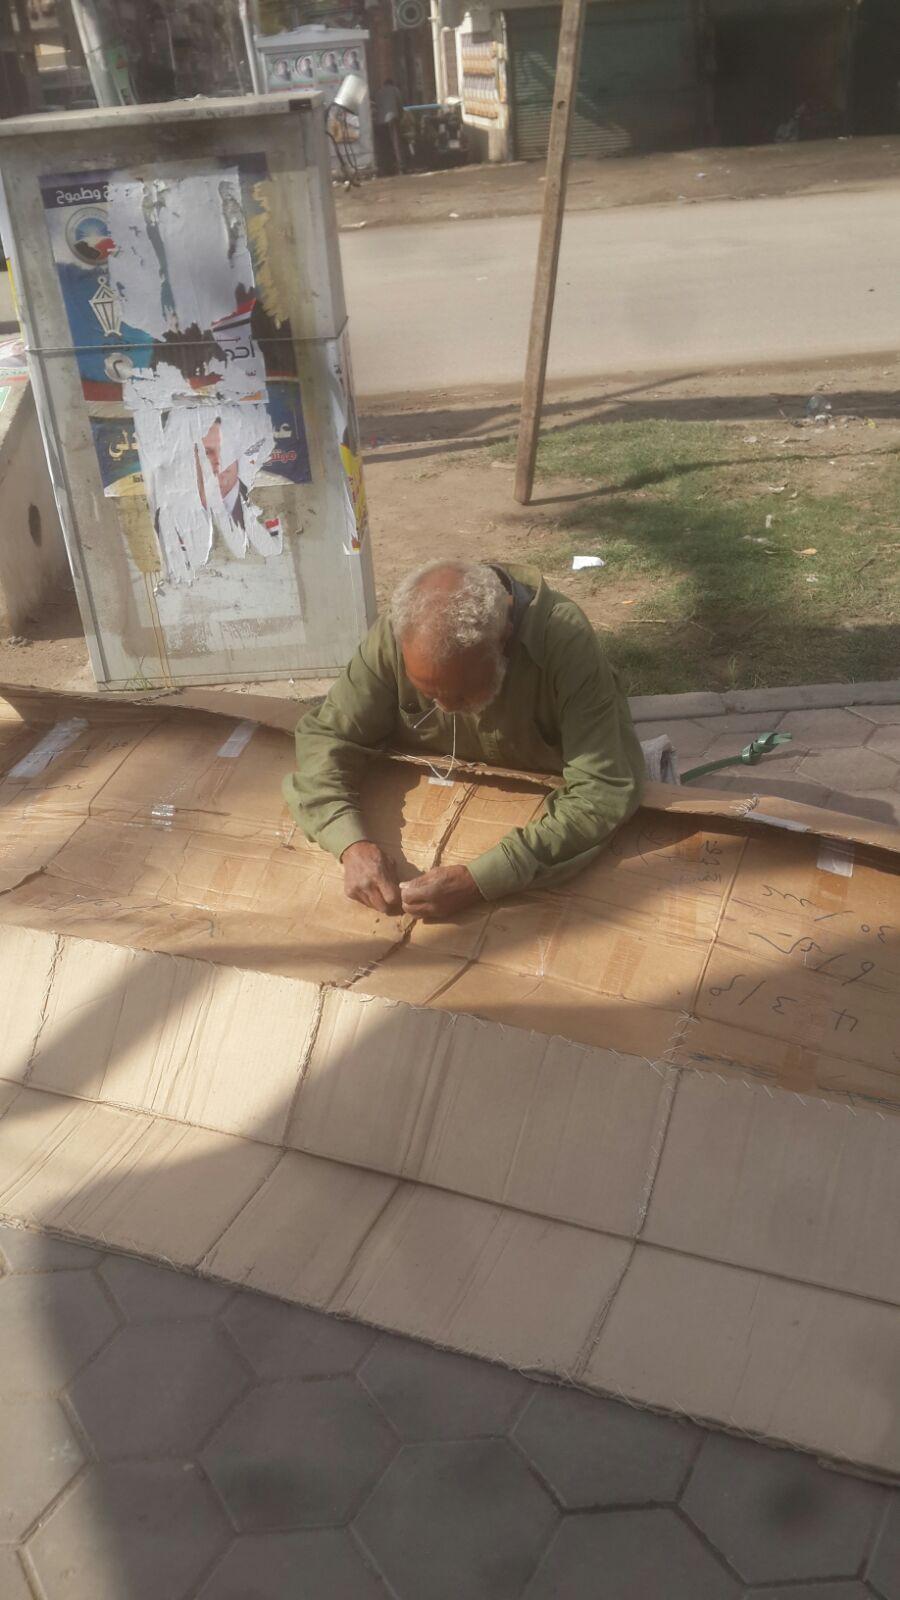 لحاف الفقر.. عجوز يخيط «الكرتون» ليقيه لسعات البرد في شوارع دمياط